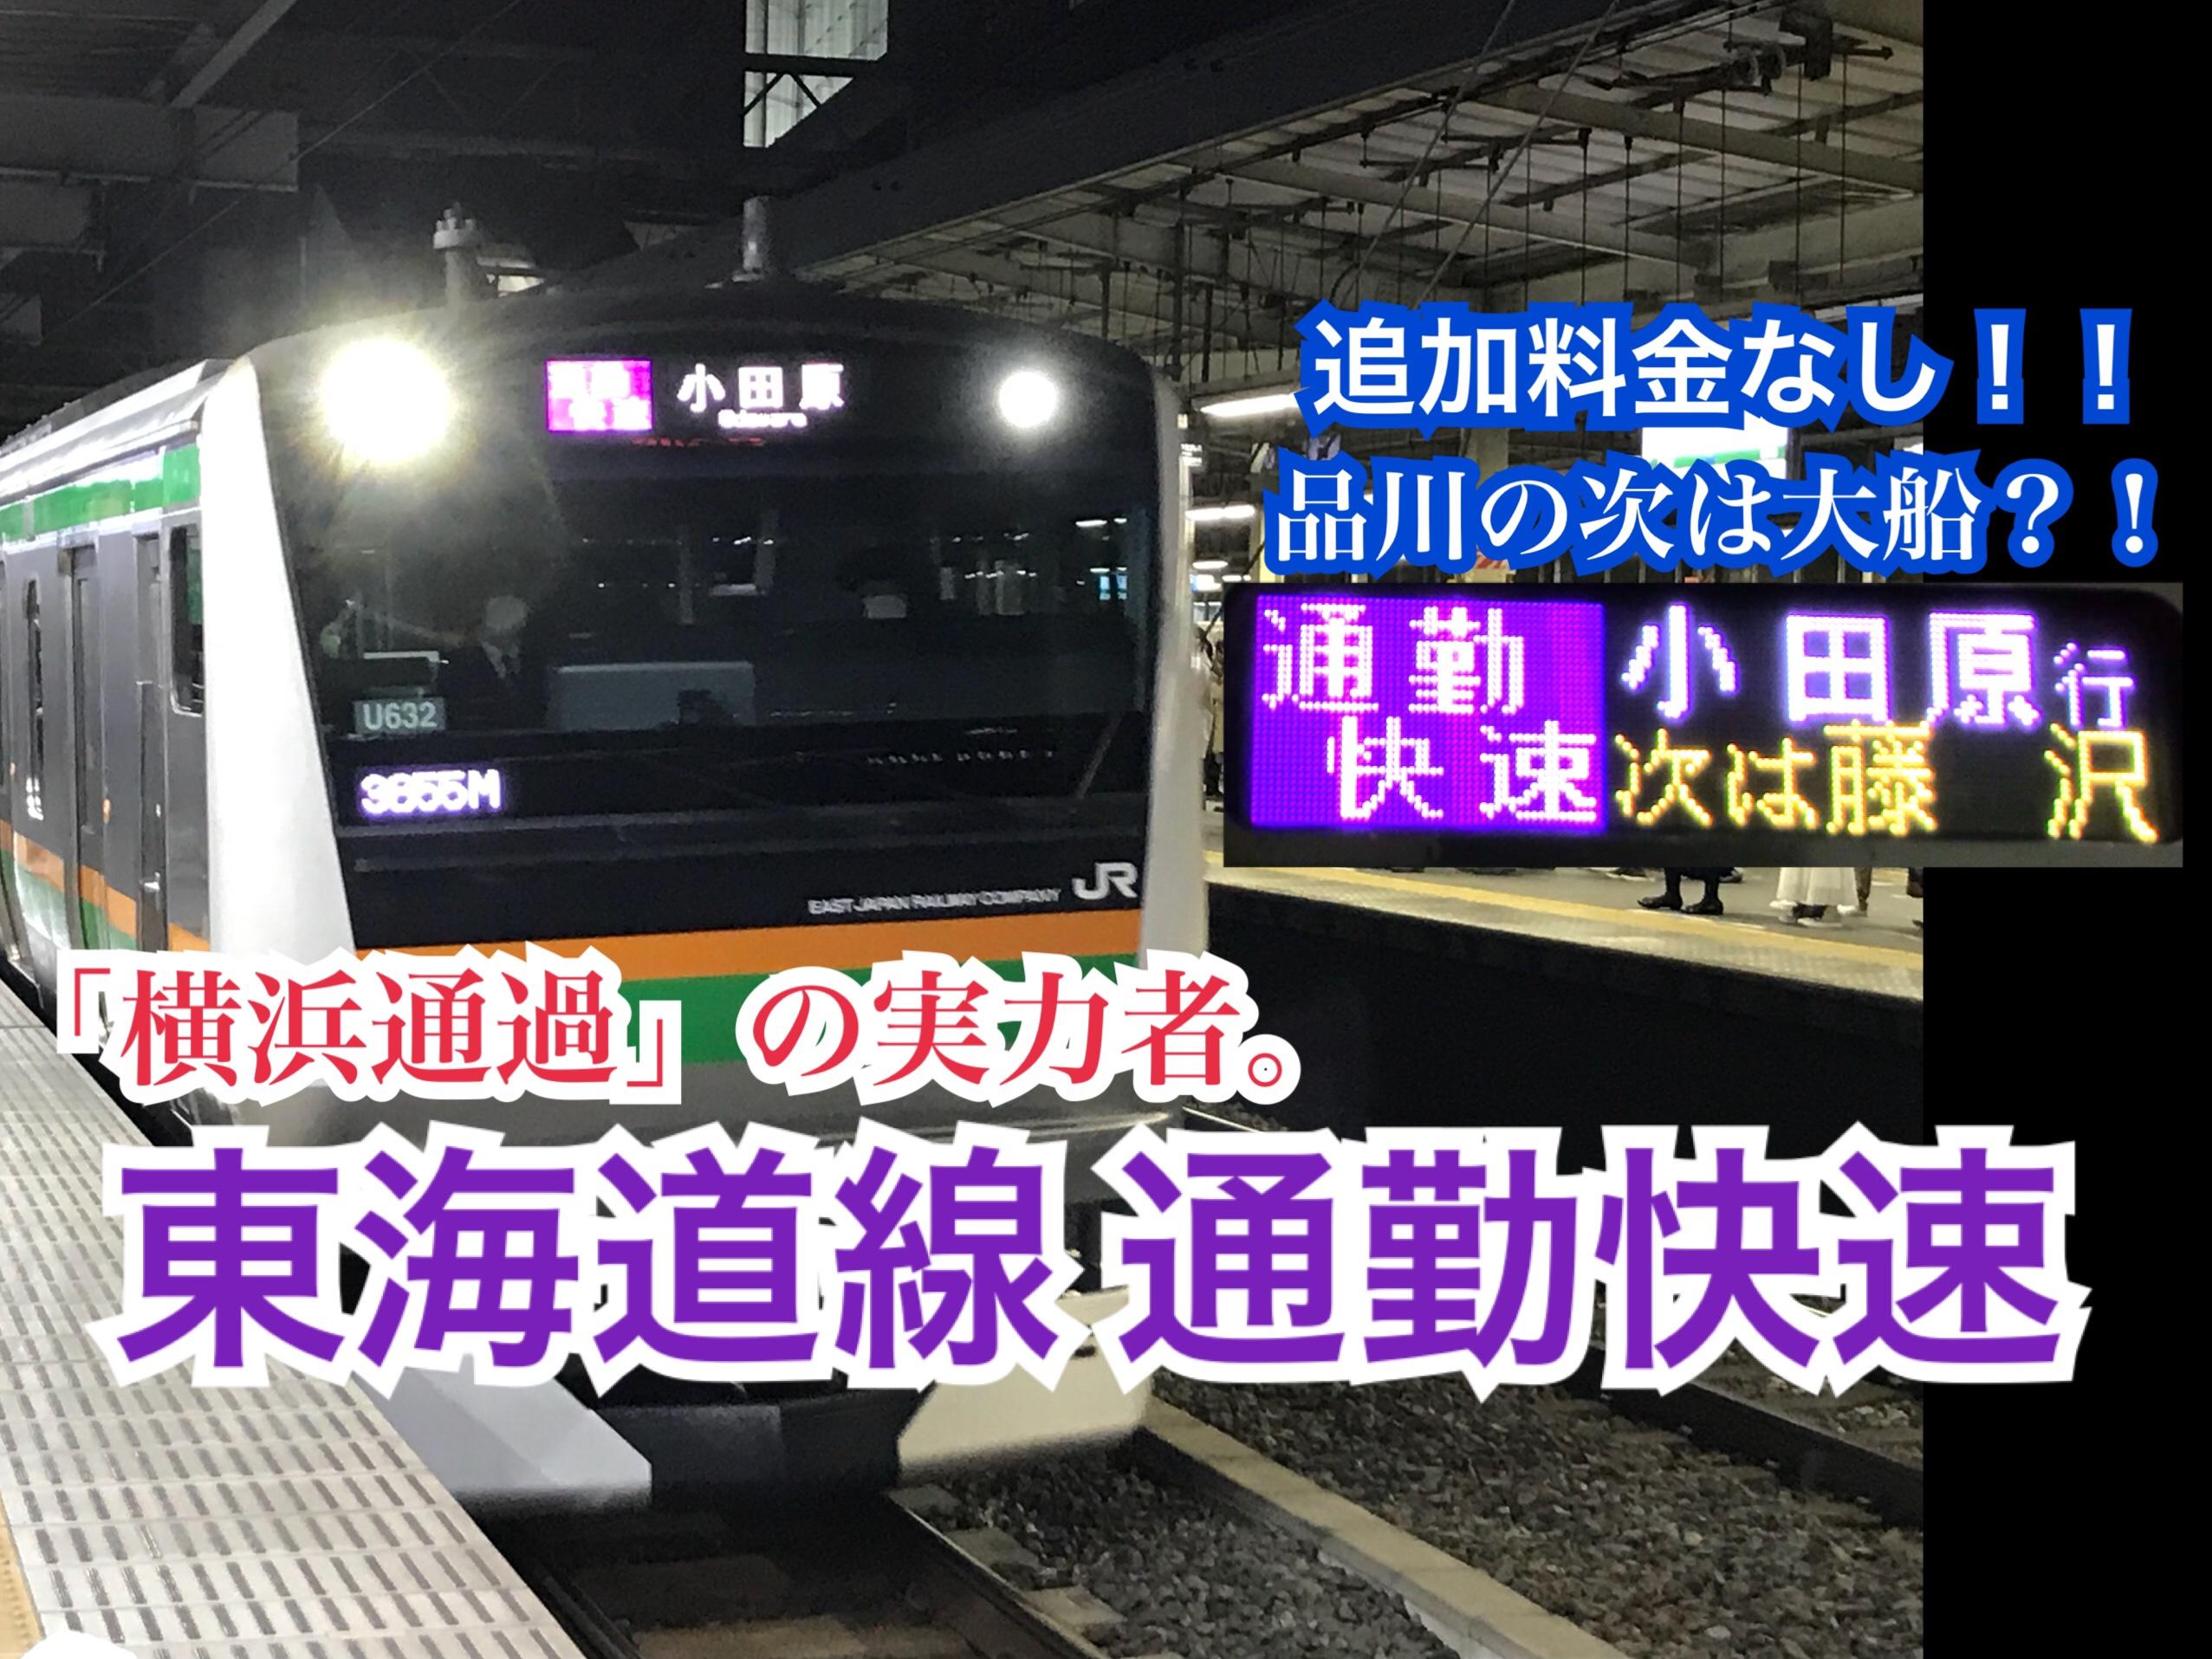 横浜通過?!東海道線の通勤快速は停車駅がすごい!さらに空いてる!【関東めぐり千葉編】